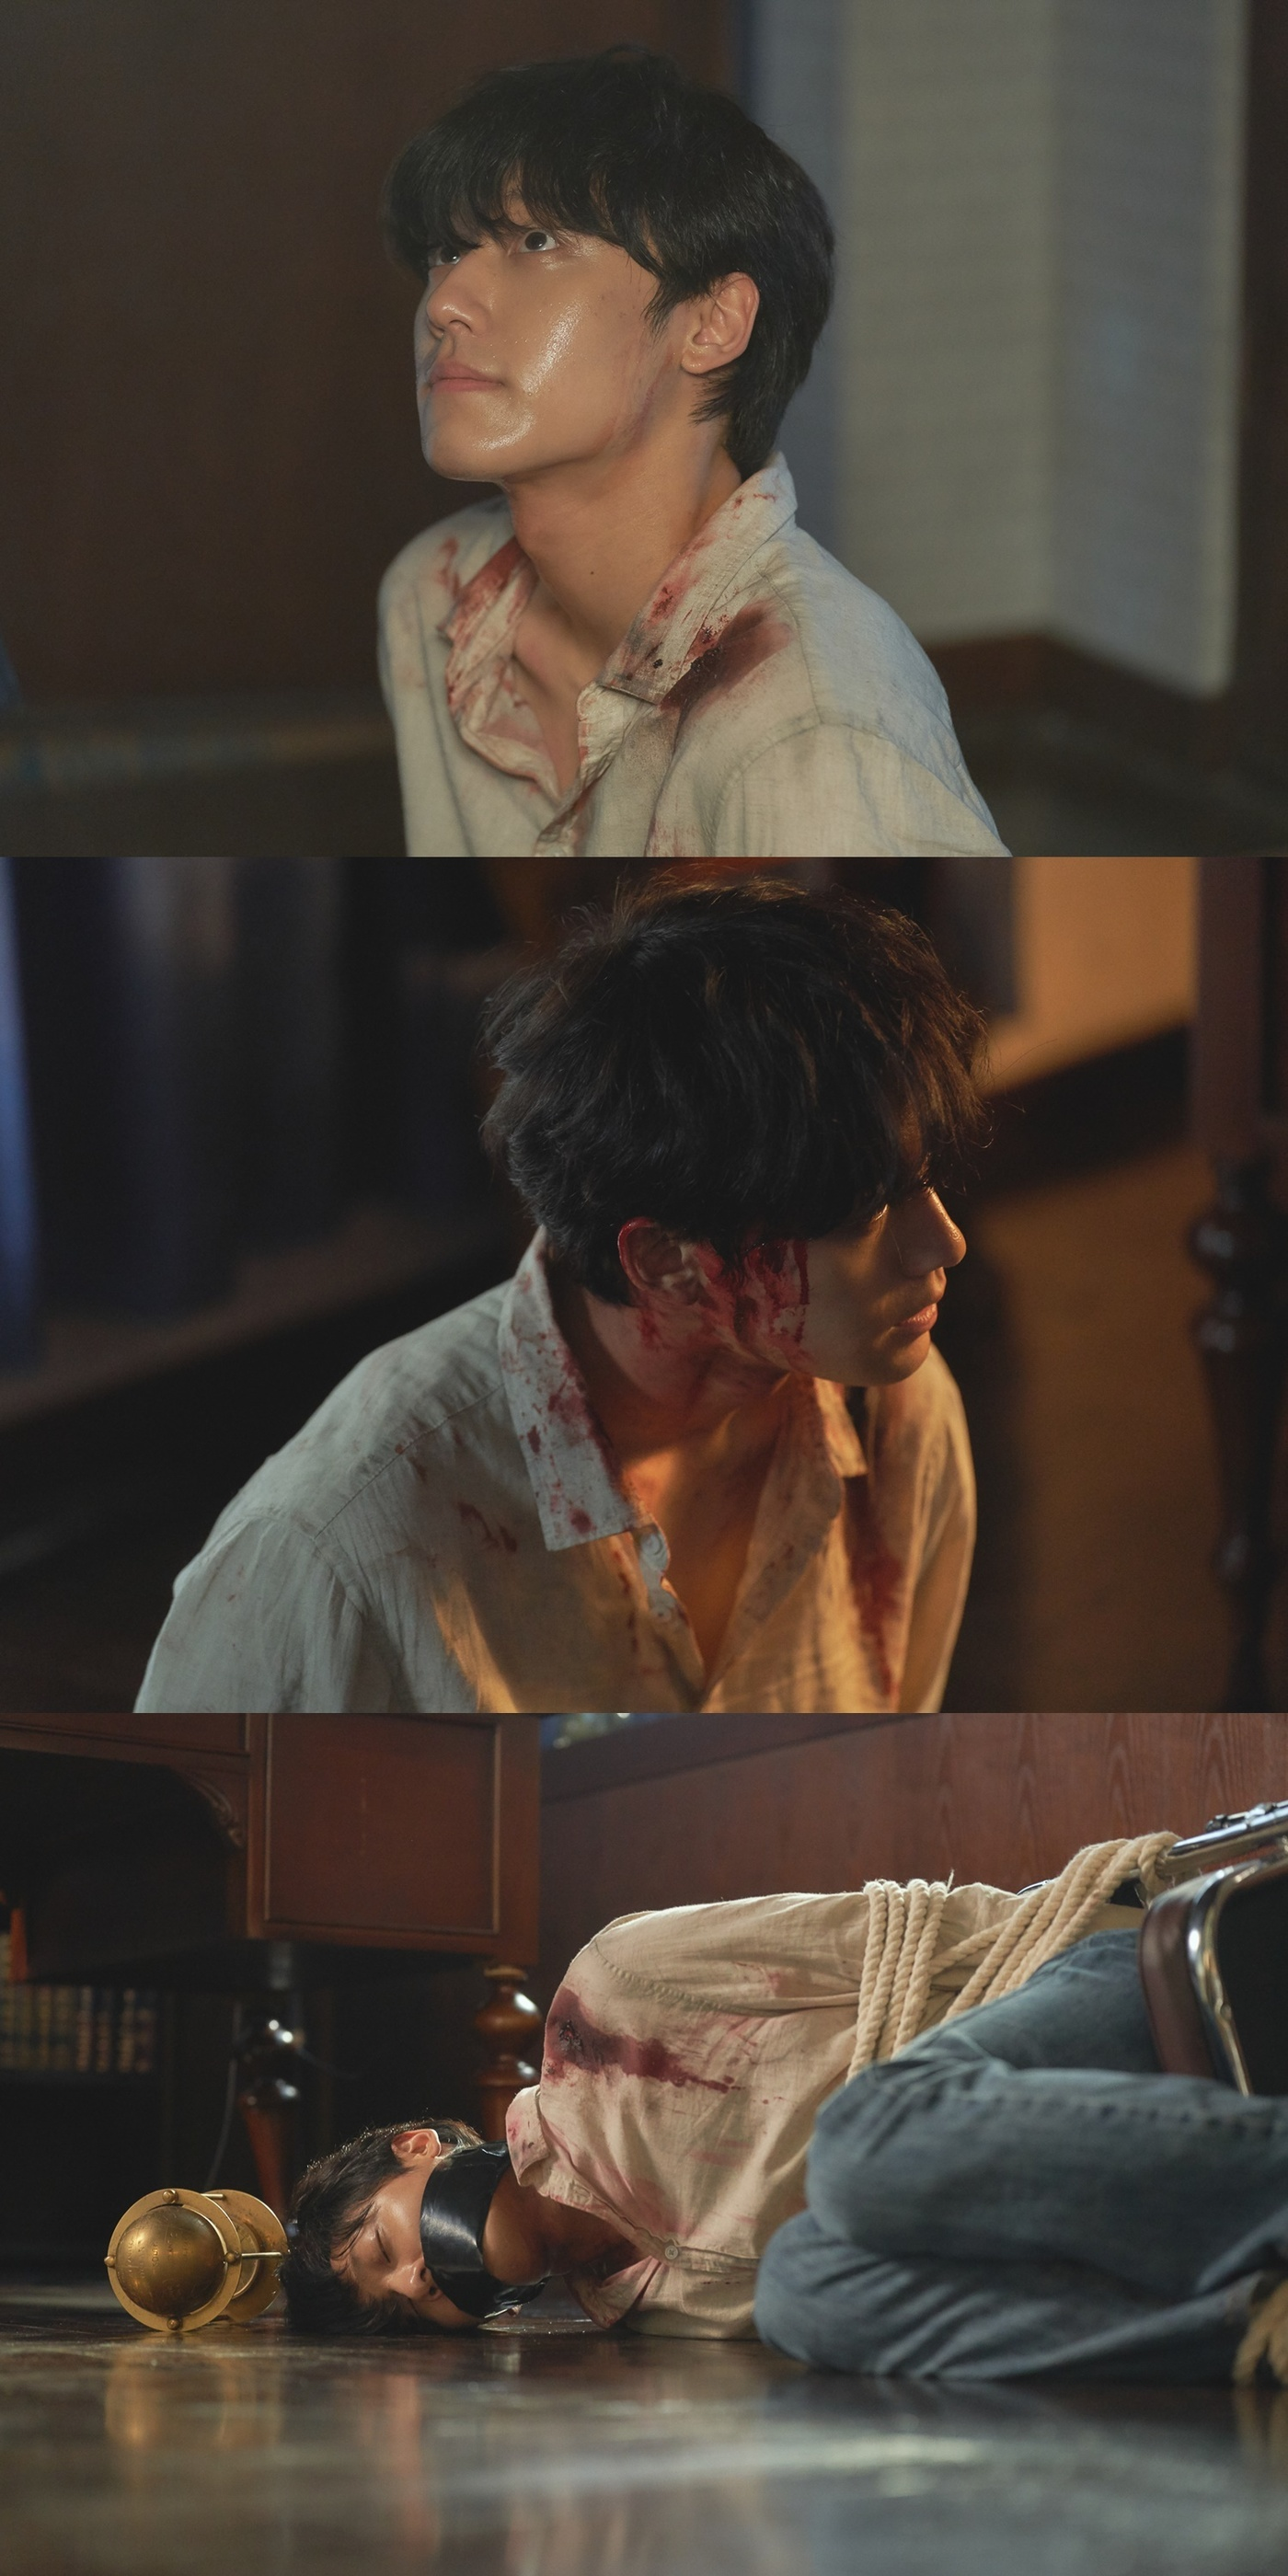 N컷] '오월의 청춘' 피 칠갑한 이도현, 절체절명 위기 순간 포착 | 네이트 연예